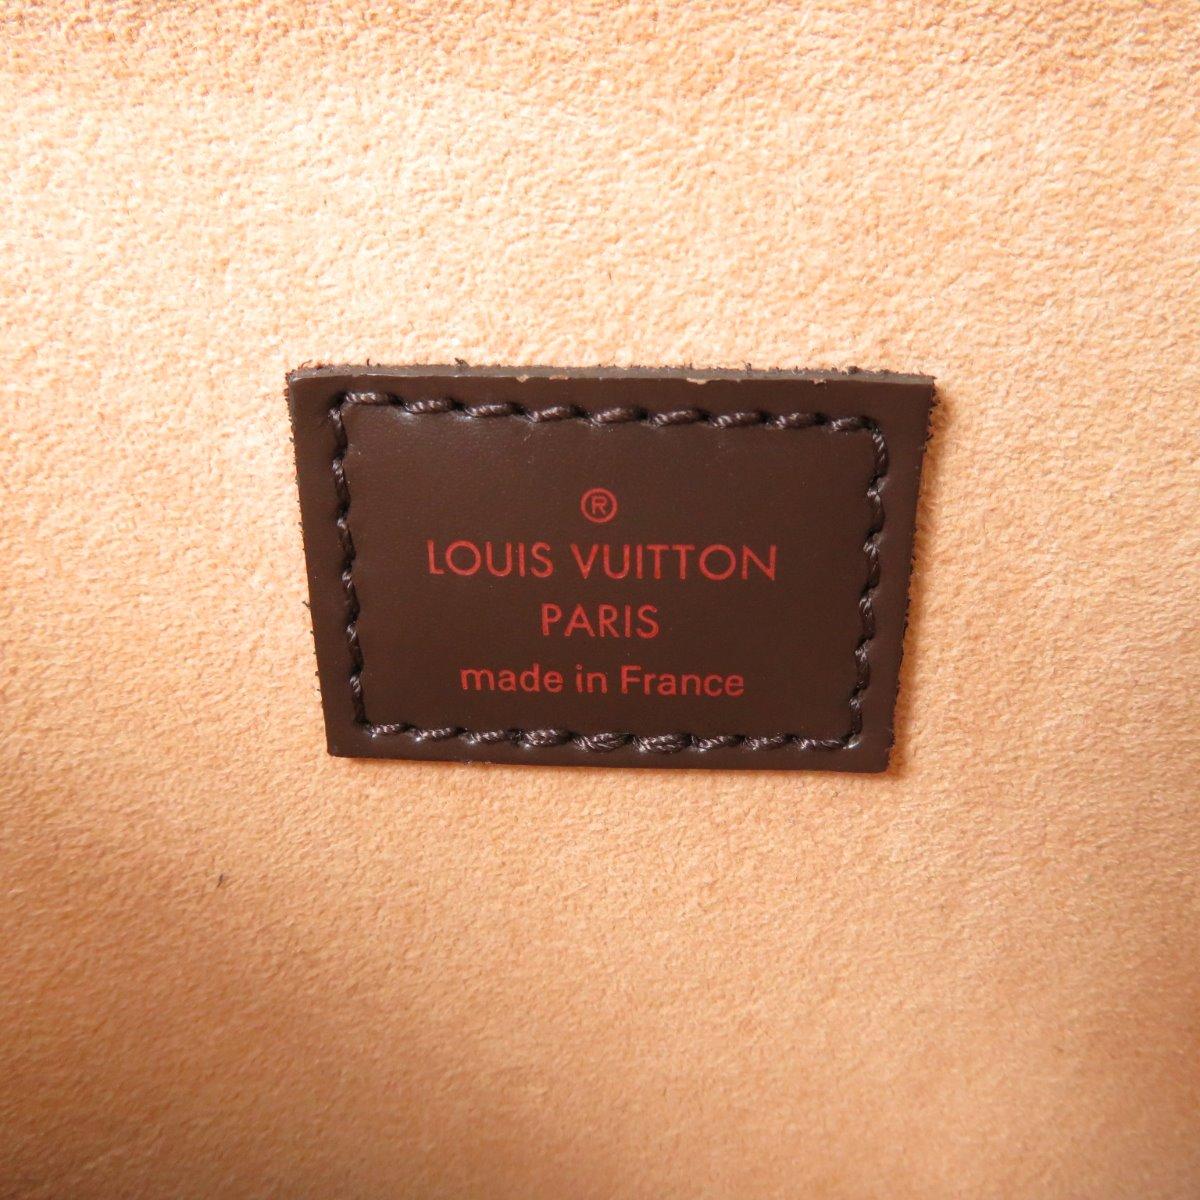 ルイヴィトン N41435 ケンジントン トートバッグ ダミエキャンバス レディースLOUIS VUITTONlF31cTKJ